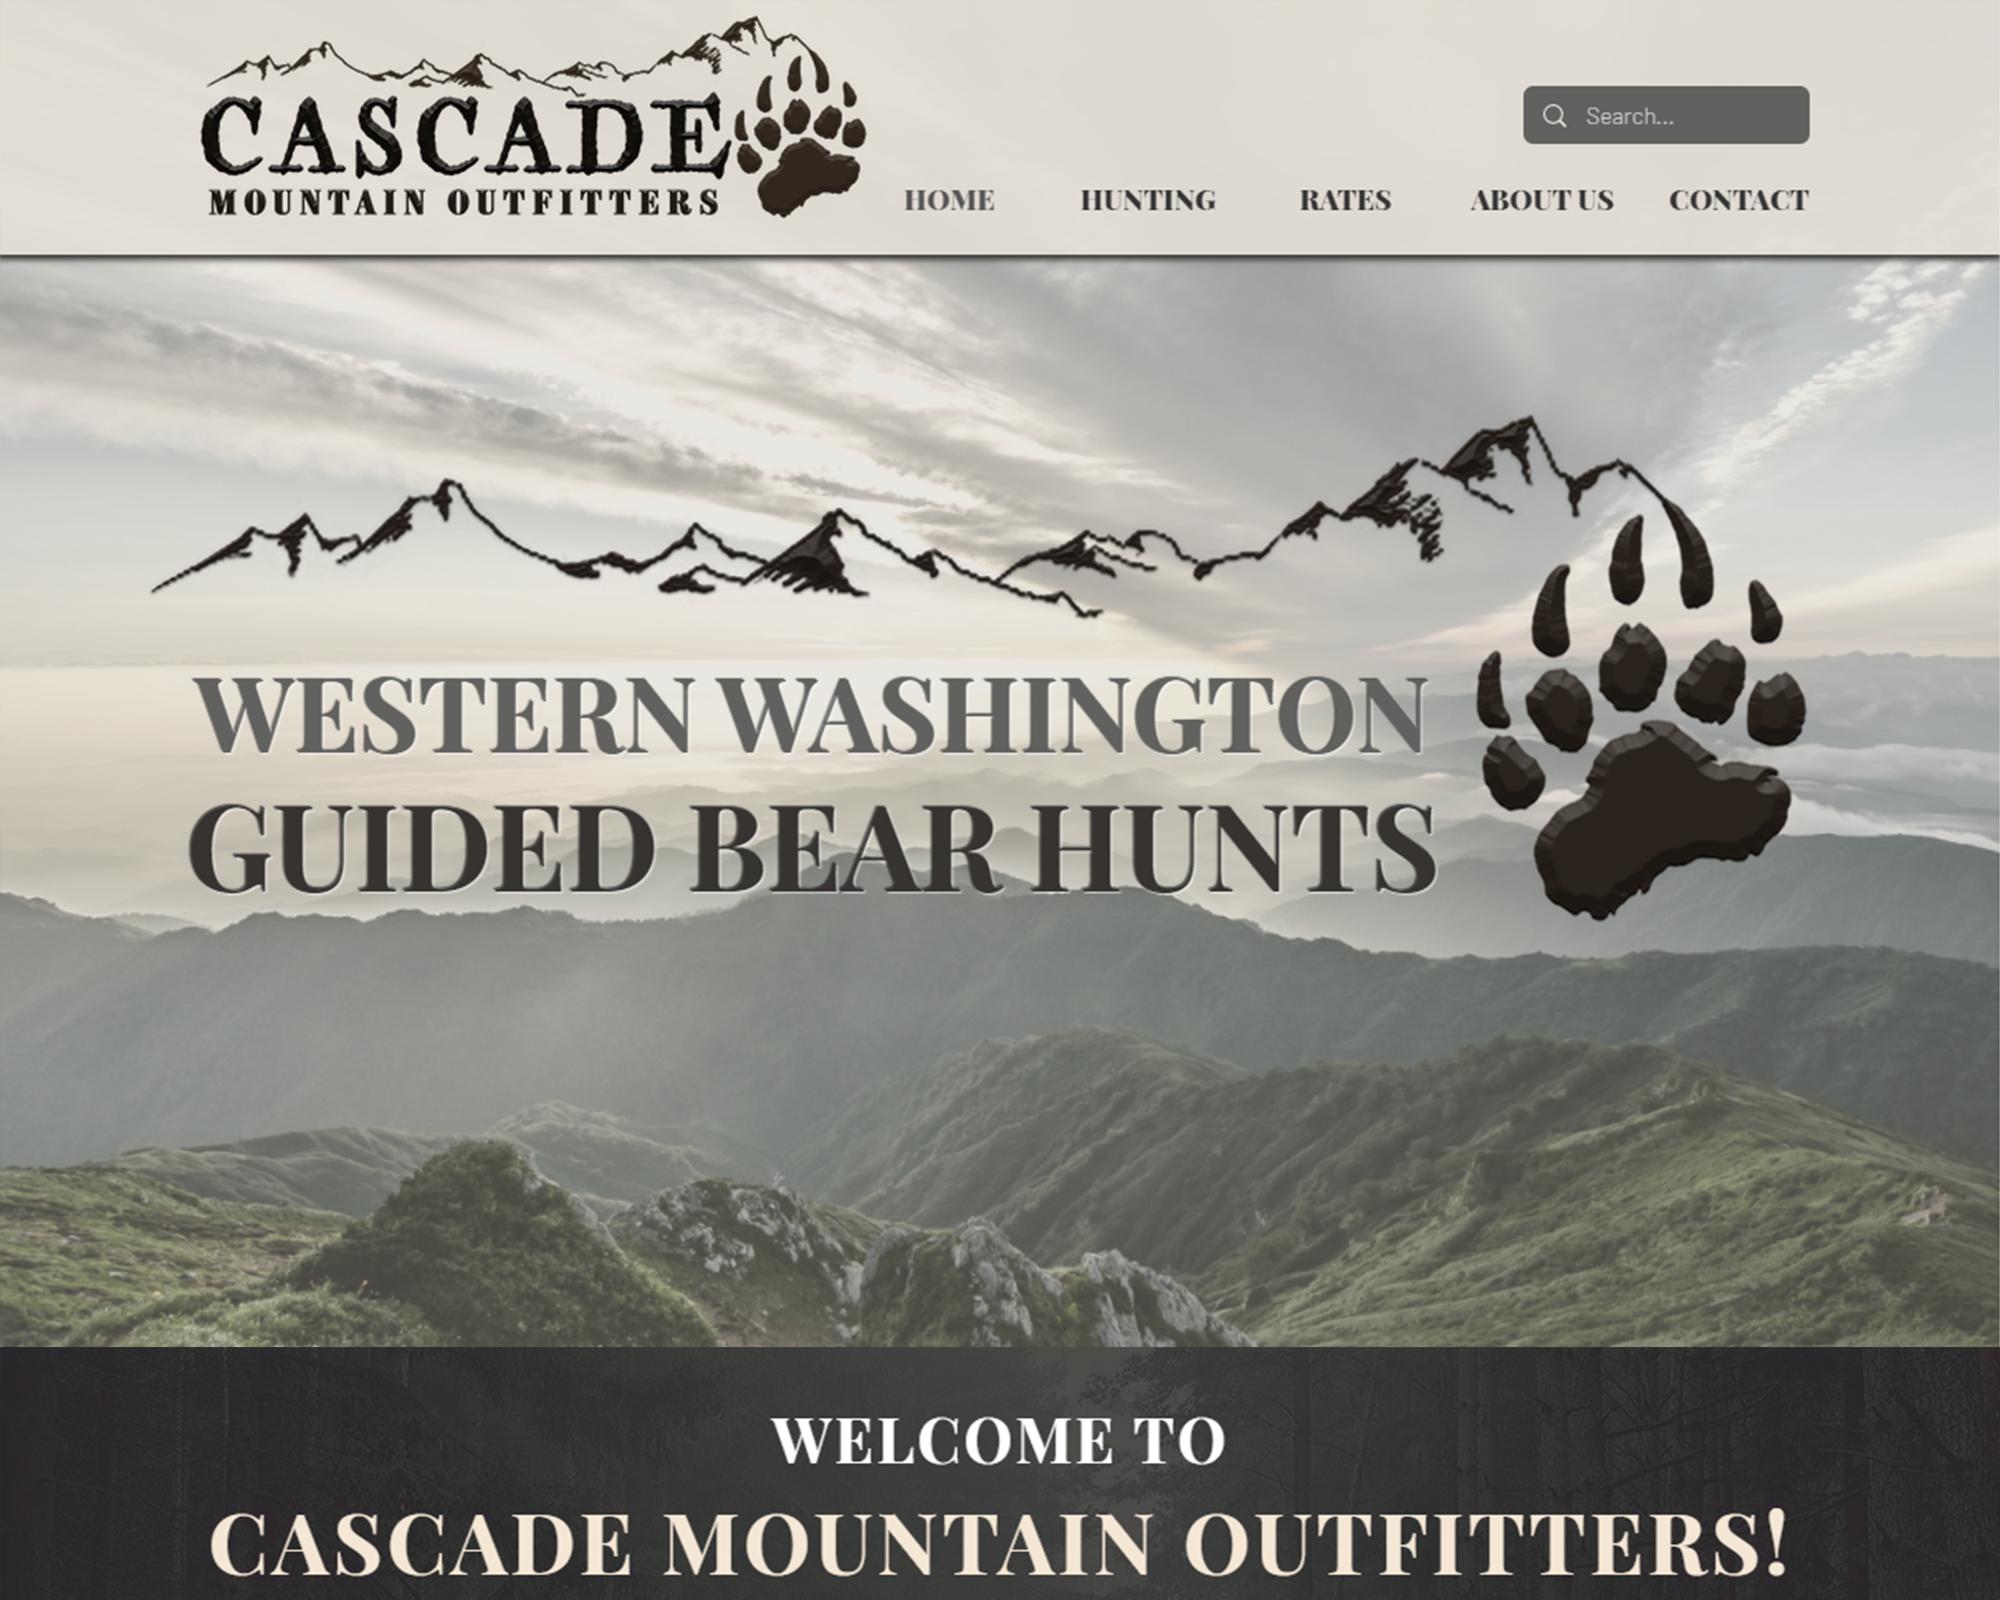 Cascade Mountain Website Design